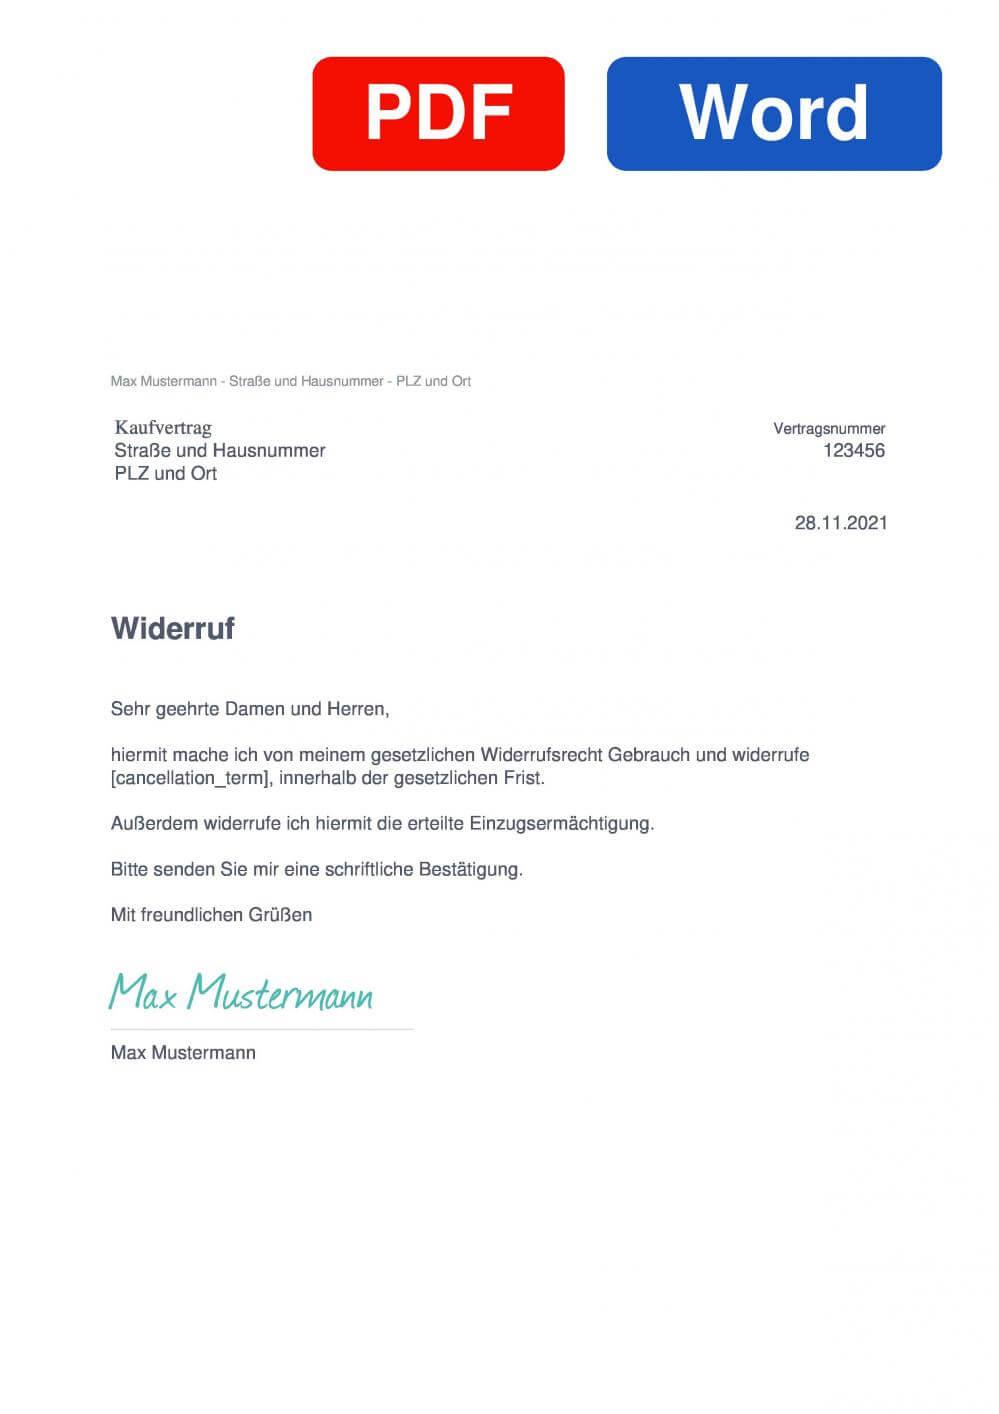 Kaufvertrag Muster Vorlage für Wiederrufsschreiben